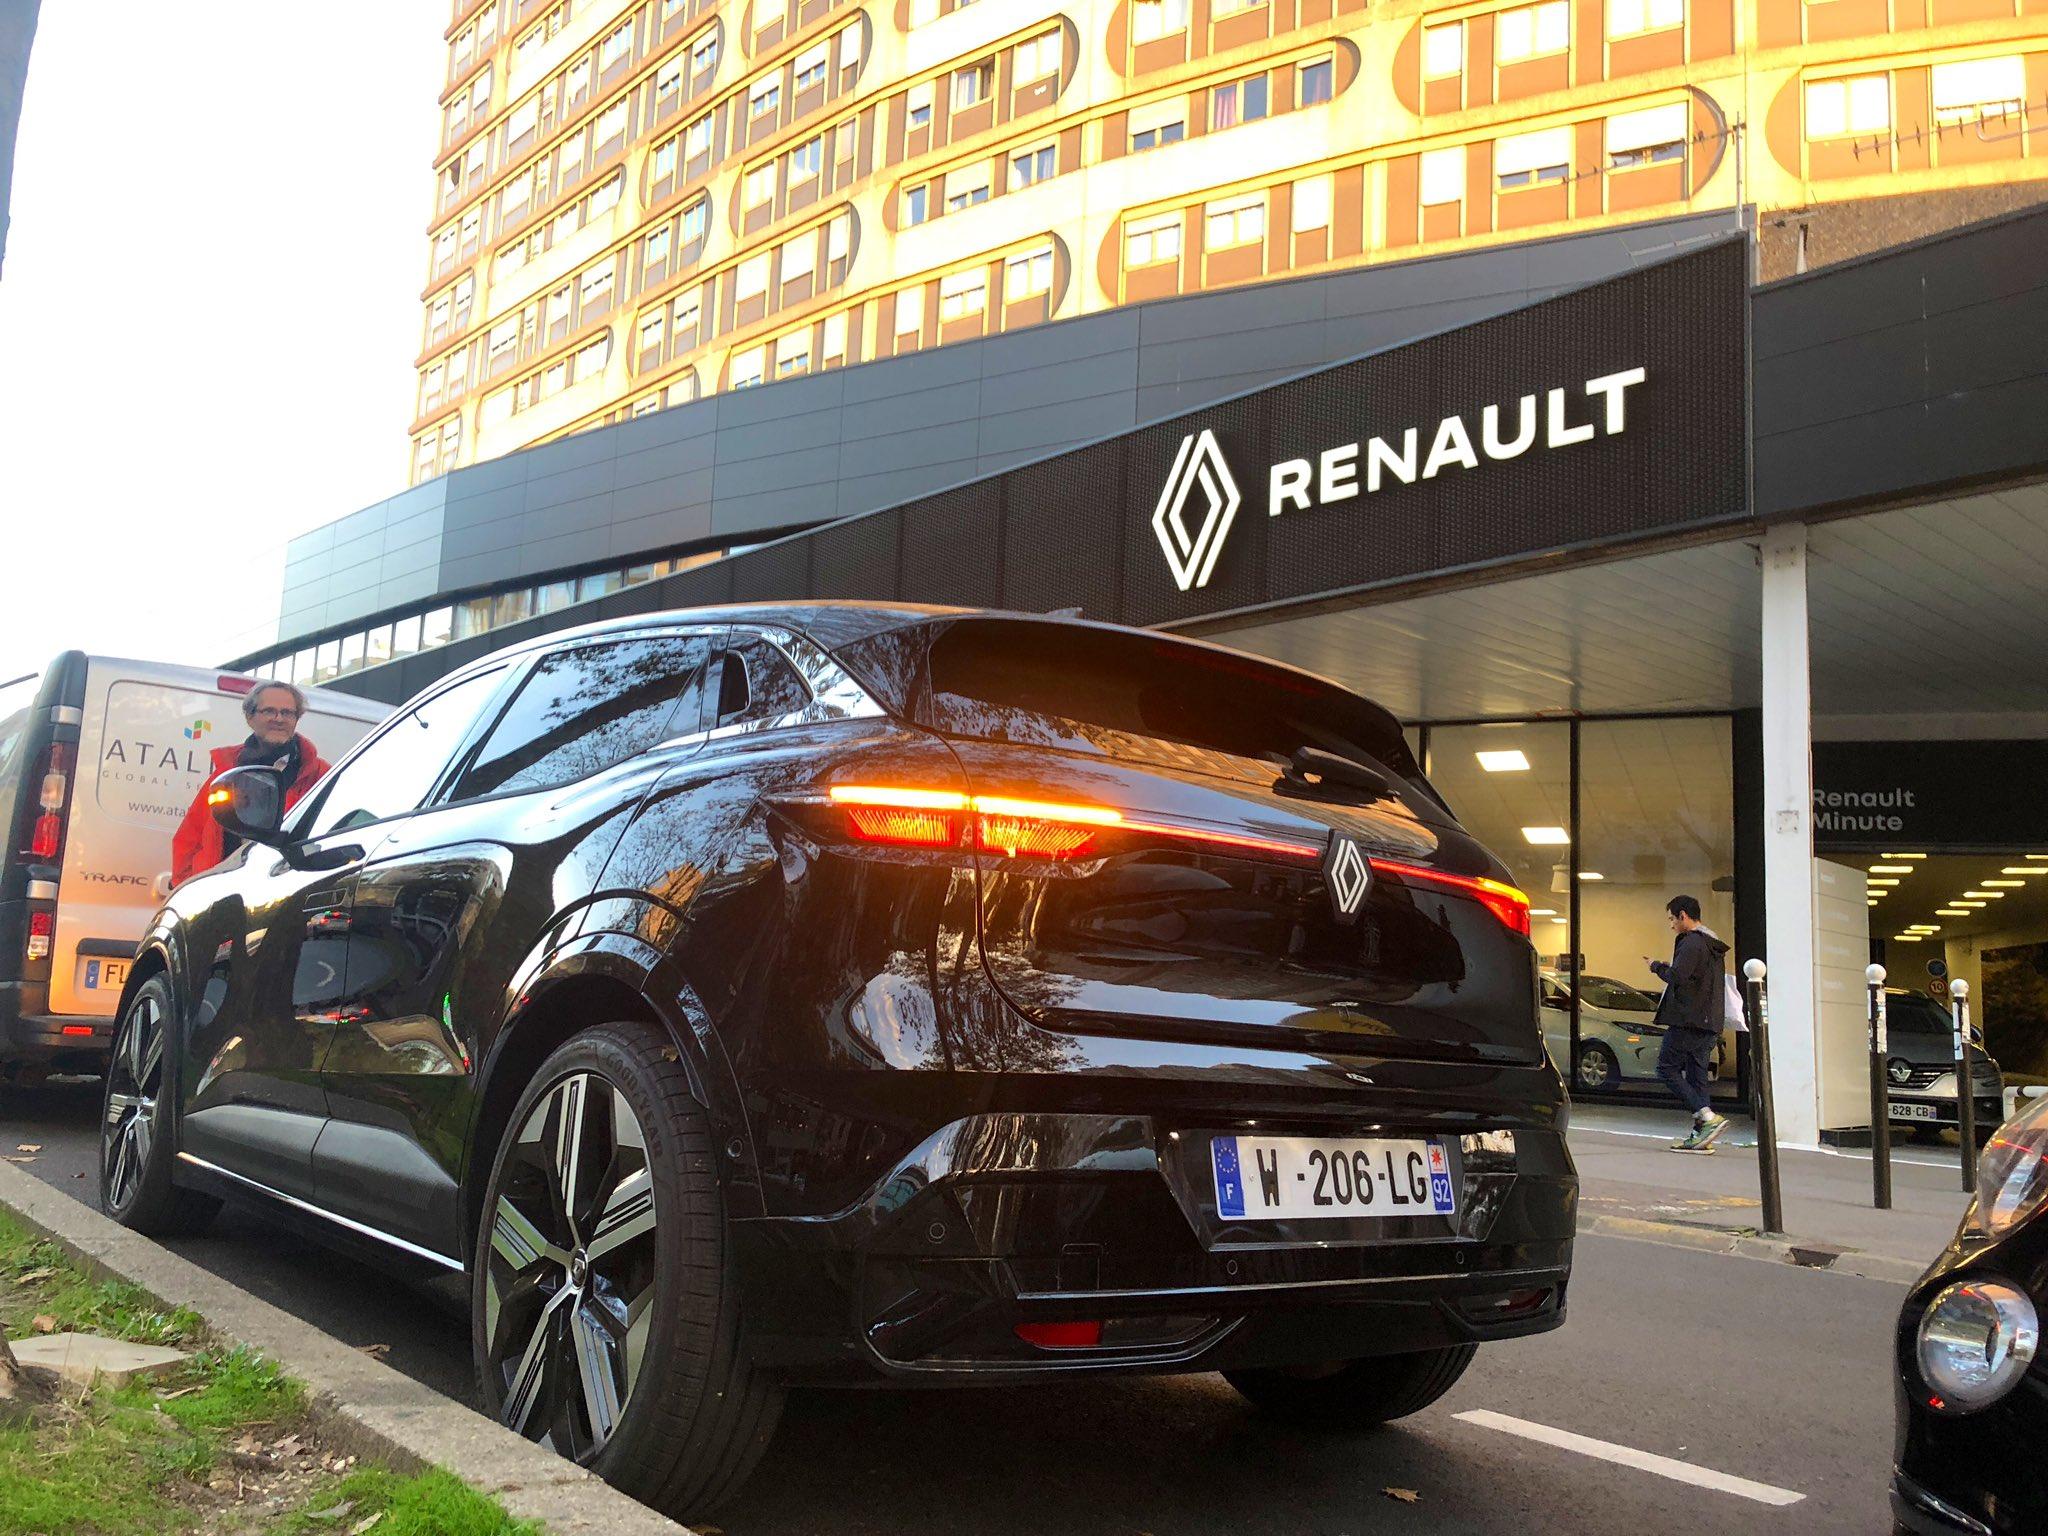 2021 - [Renault] Mégane E-Tech Electric [BCB] - Page 15 FBmNHvhWUAMxpxc?format=jpg&name=large